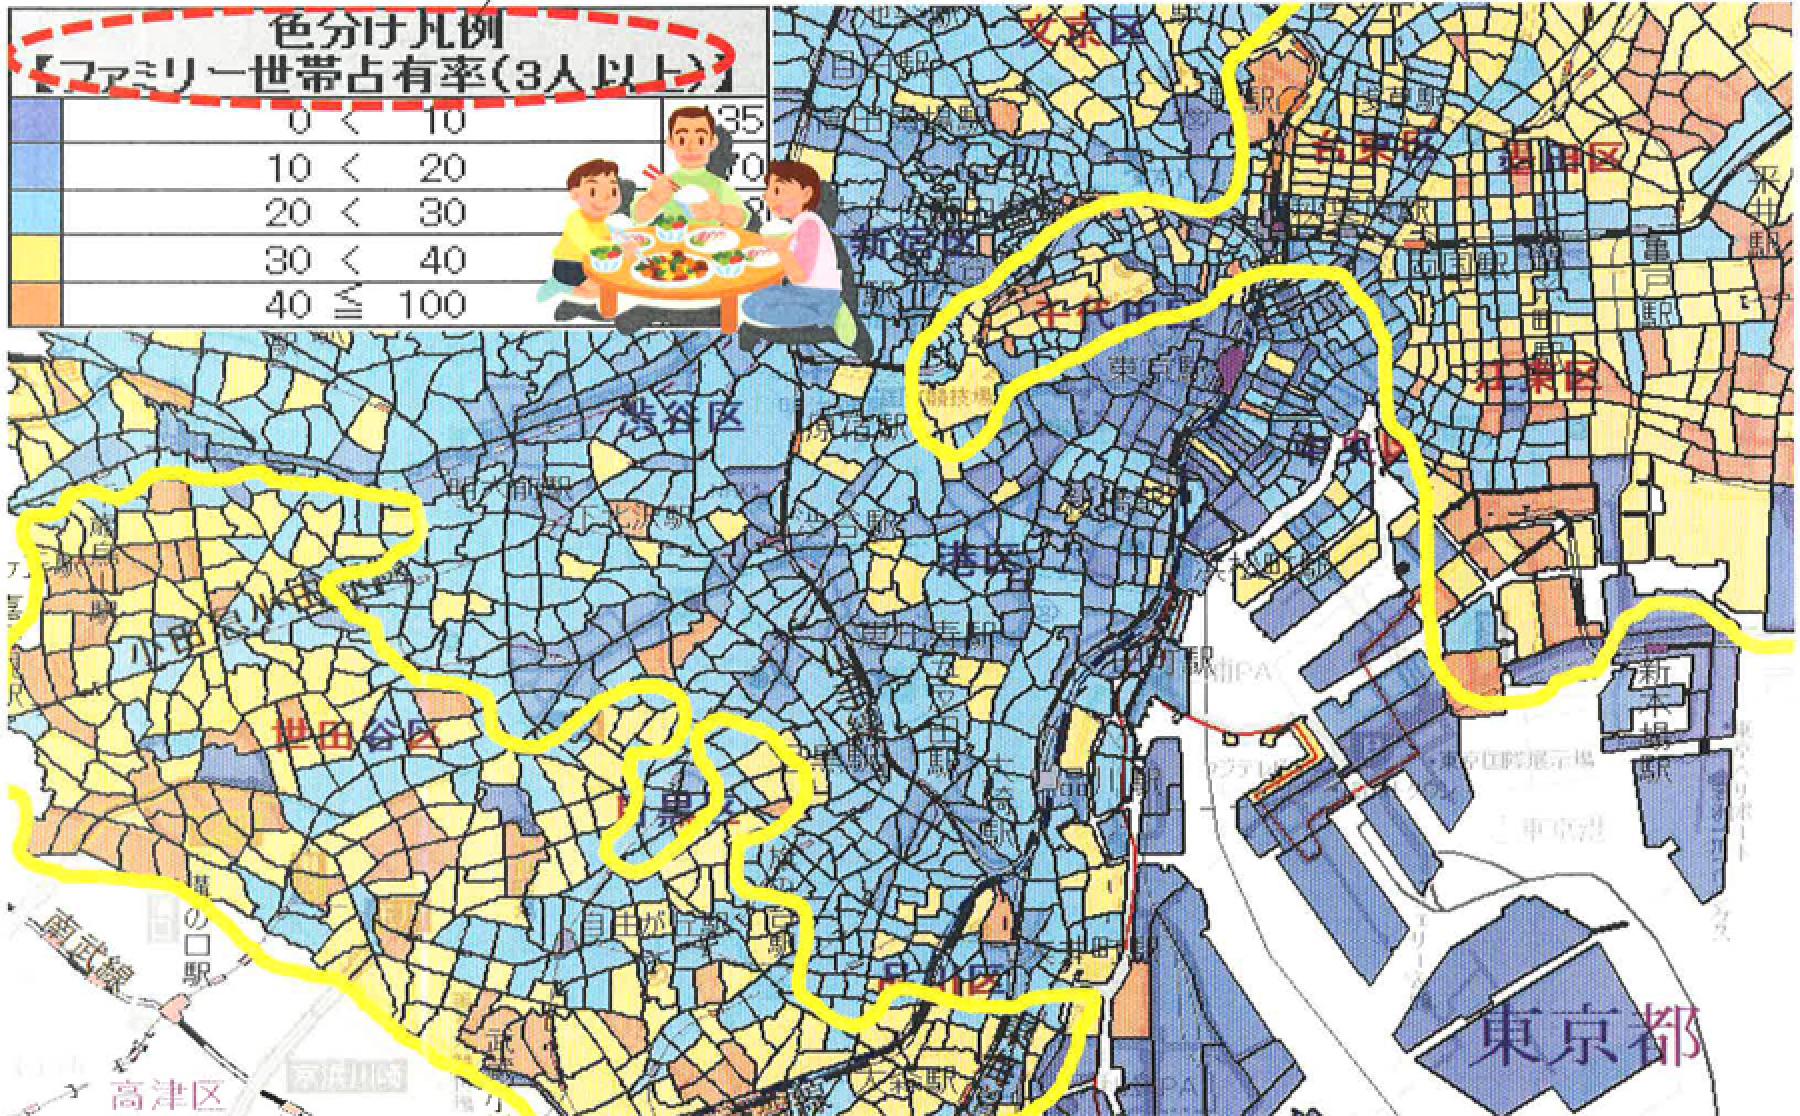 黄色で囲ったエリアが当たりの良いエリアです